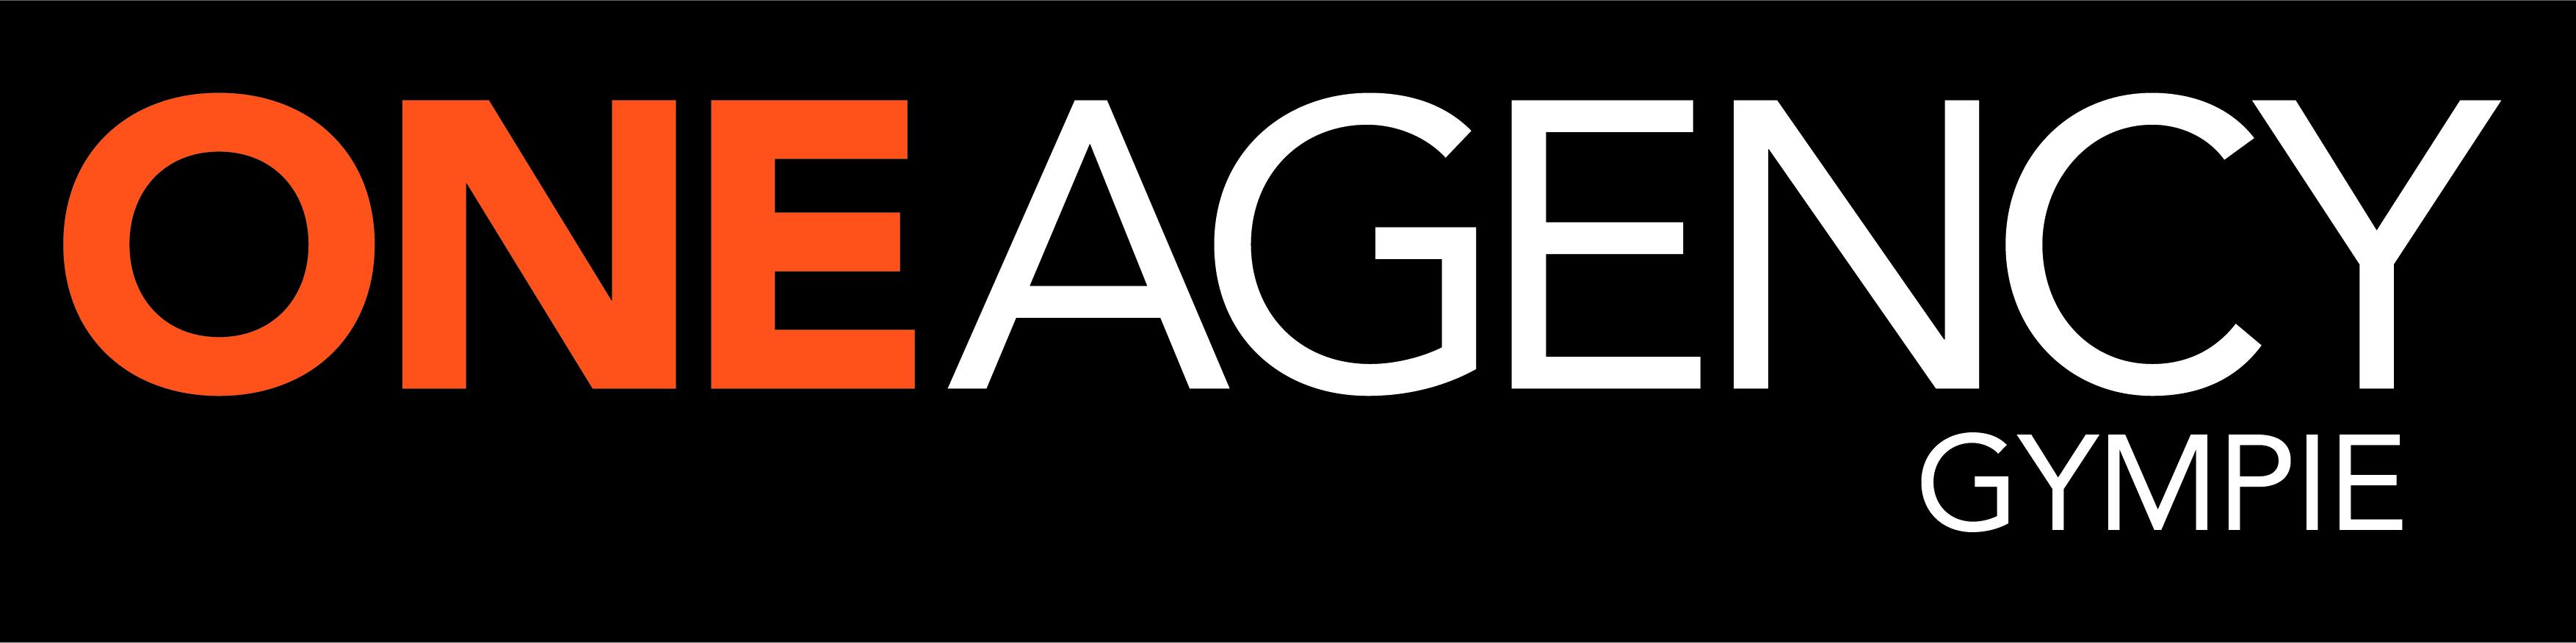 www.oneagencygympie.com.au